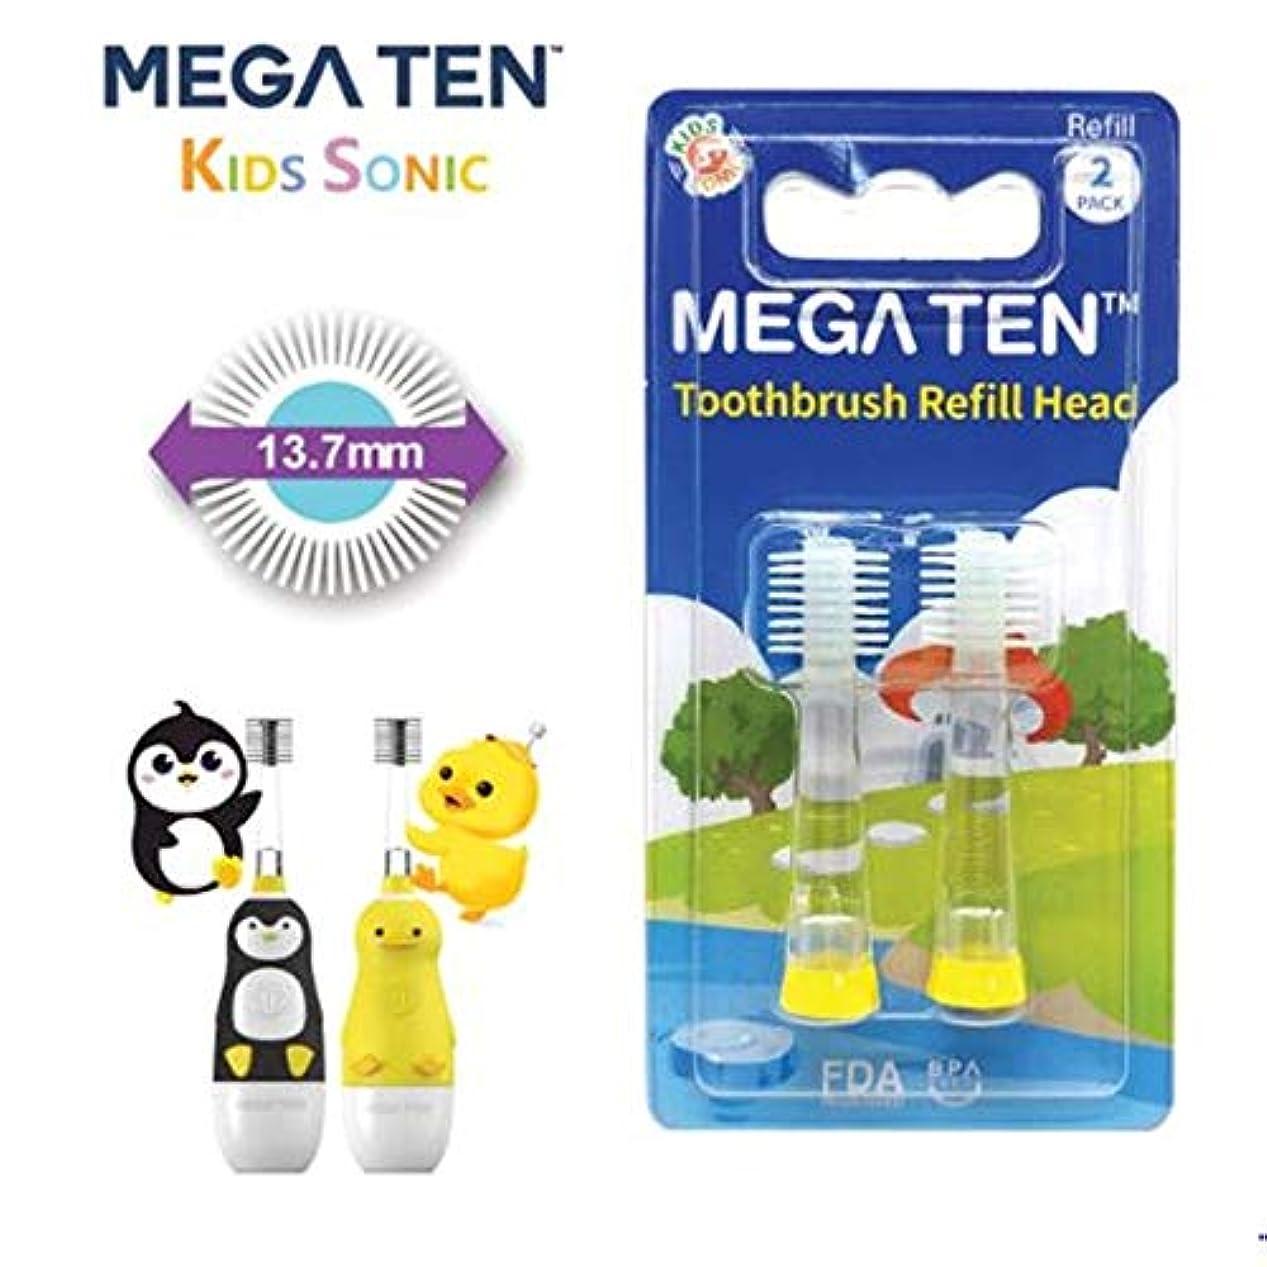 アウターふさわしい発症MEGA TEN 子供用 360度 2万本超極細毛ソフト 電動歯ブラシ LED付き 音波振動 IPX7防水 (替えブラシ)